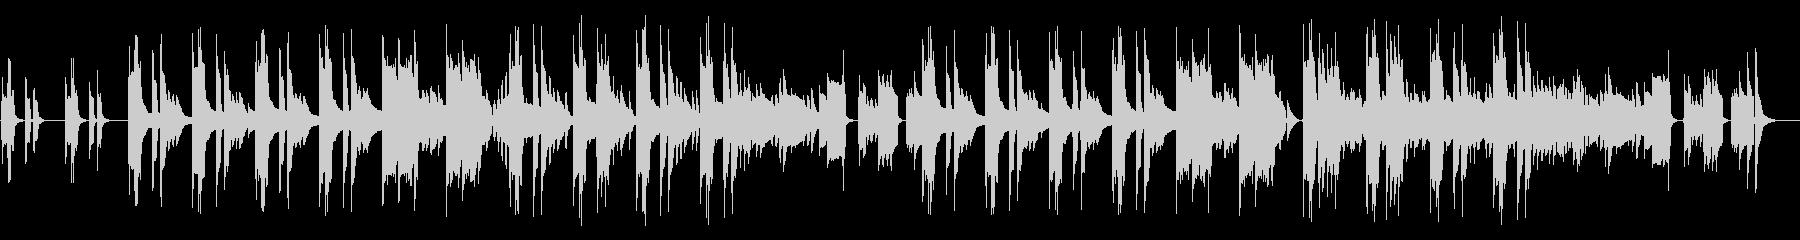 リコーダー、ほのぼの日常会話/ドラム抜きの未再生の波形